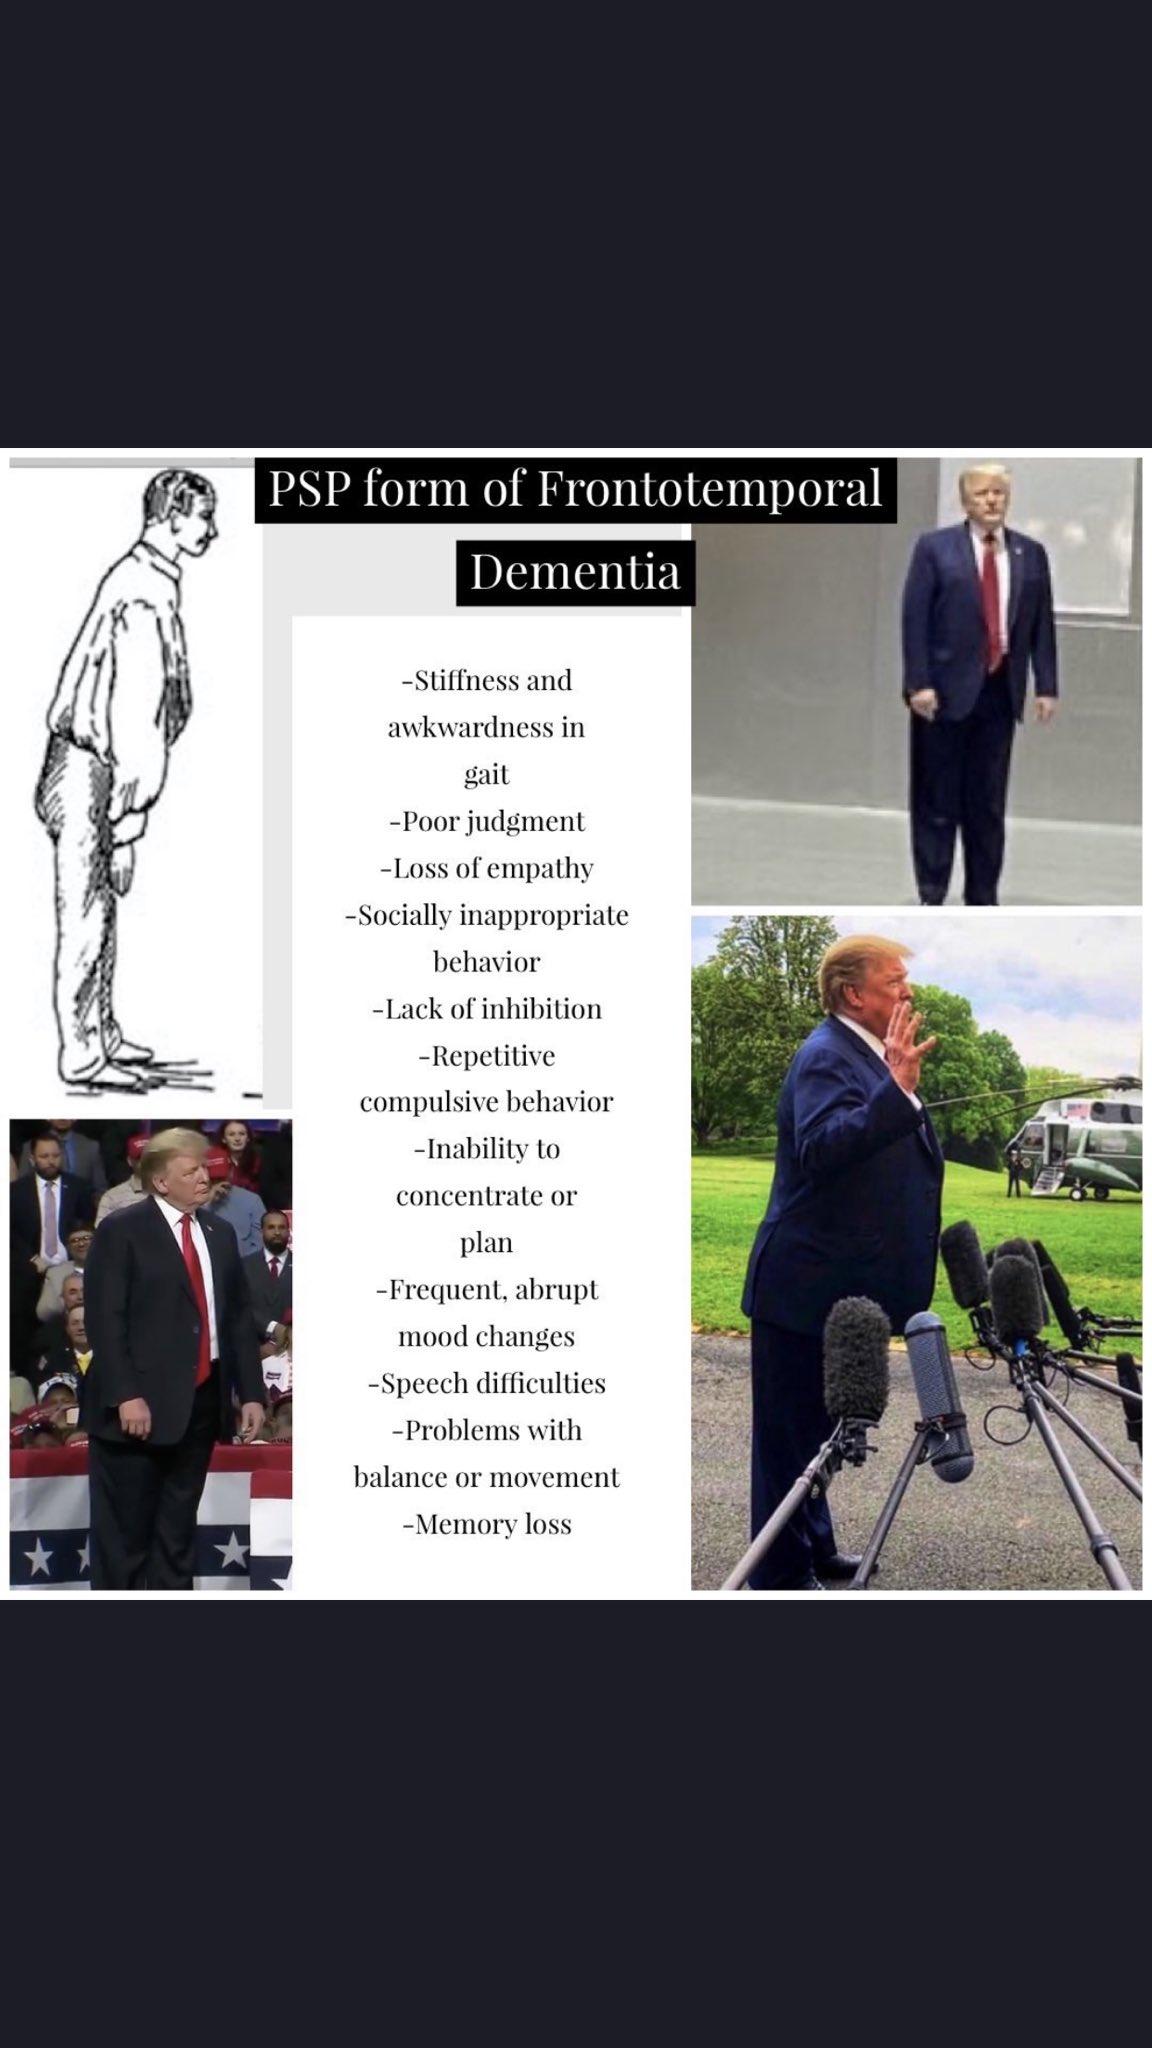 President Donald Trump-ezmahkwxkaa4k1a-jpeg